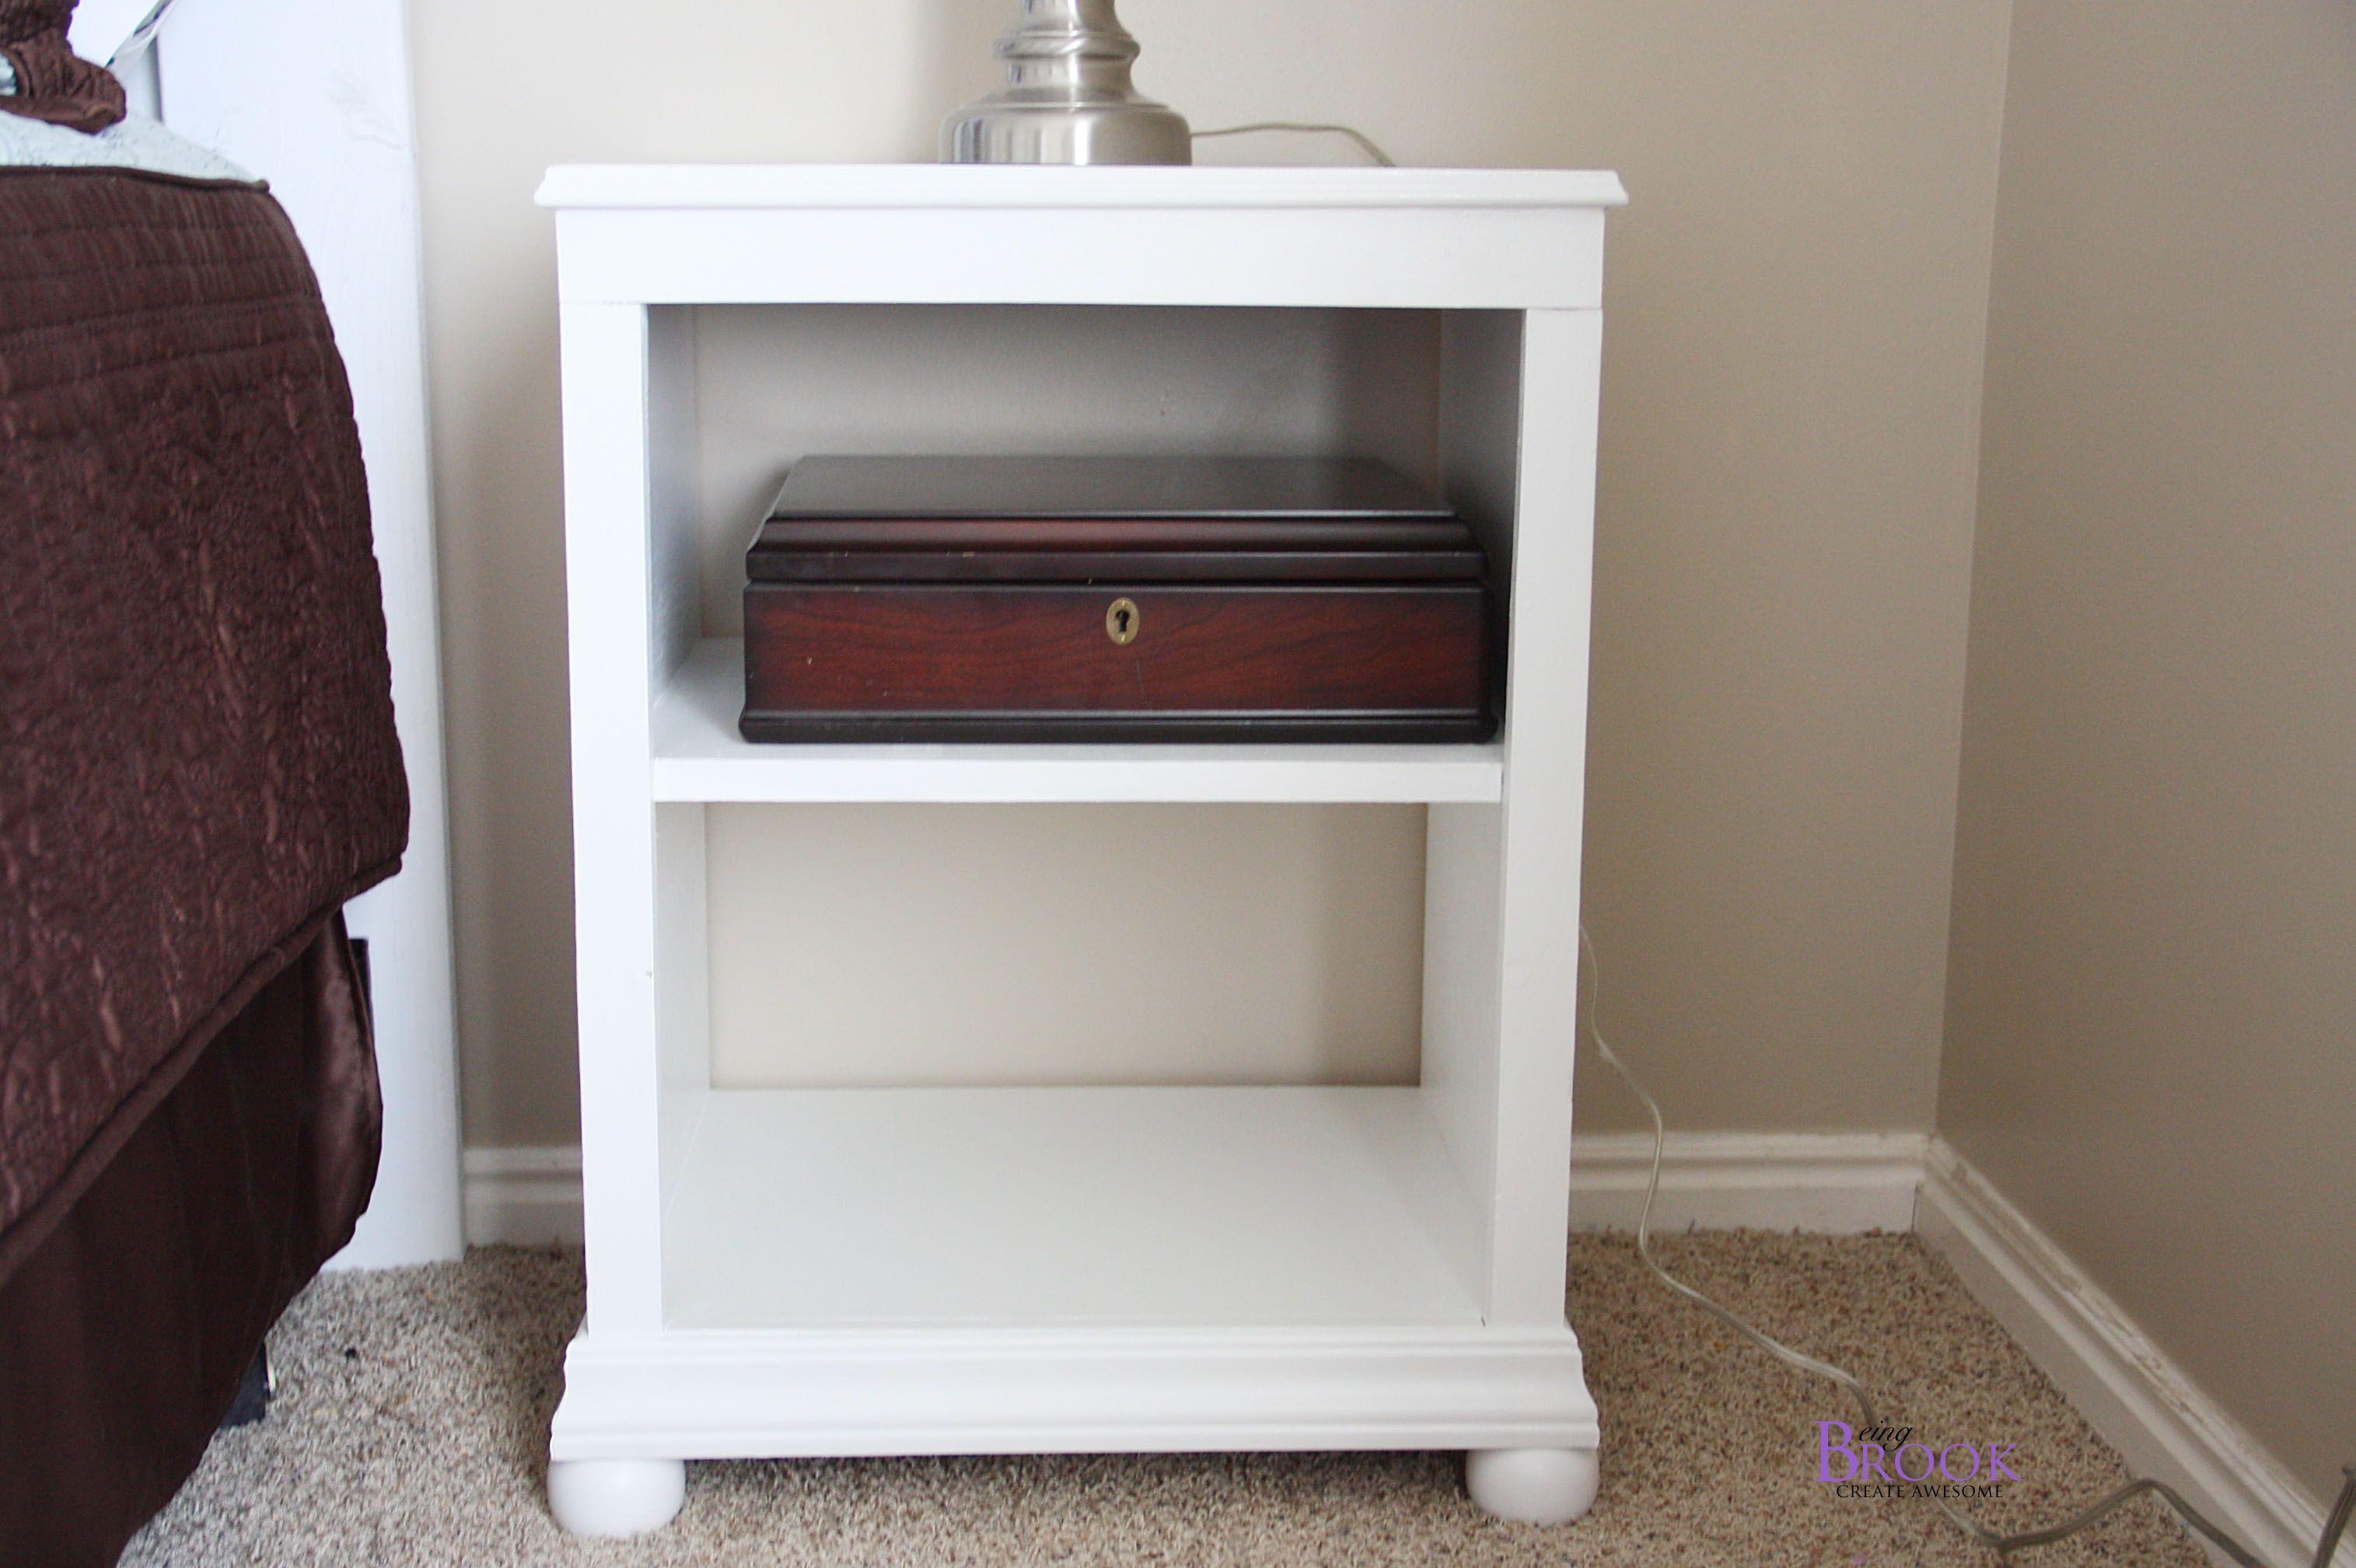 Katie Nightstand Open Shelf Diy Furniture Plans Diy Furniture Furniture Plans